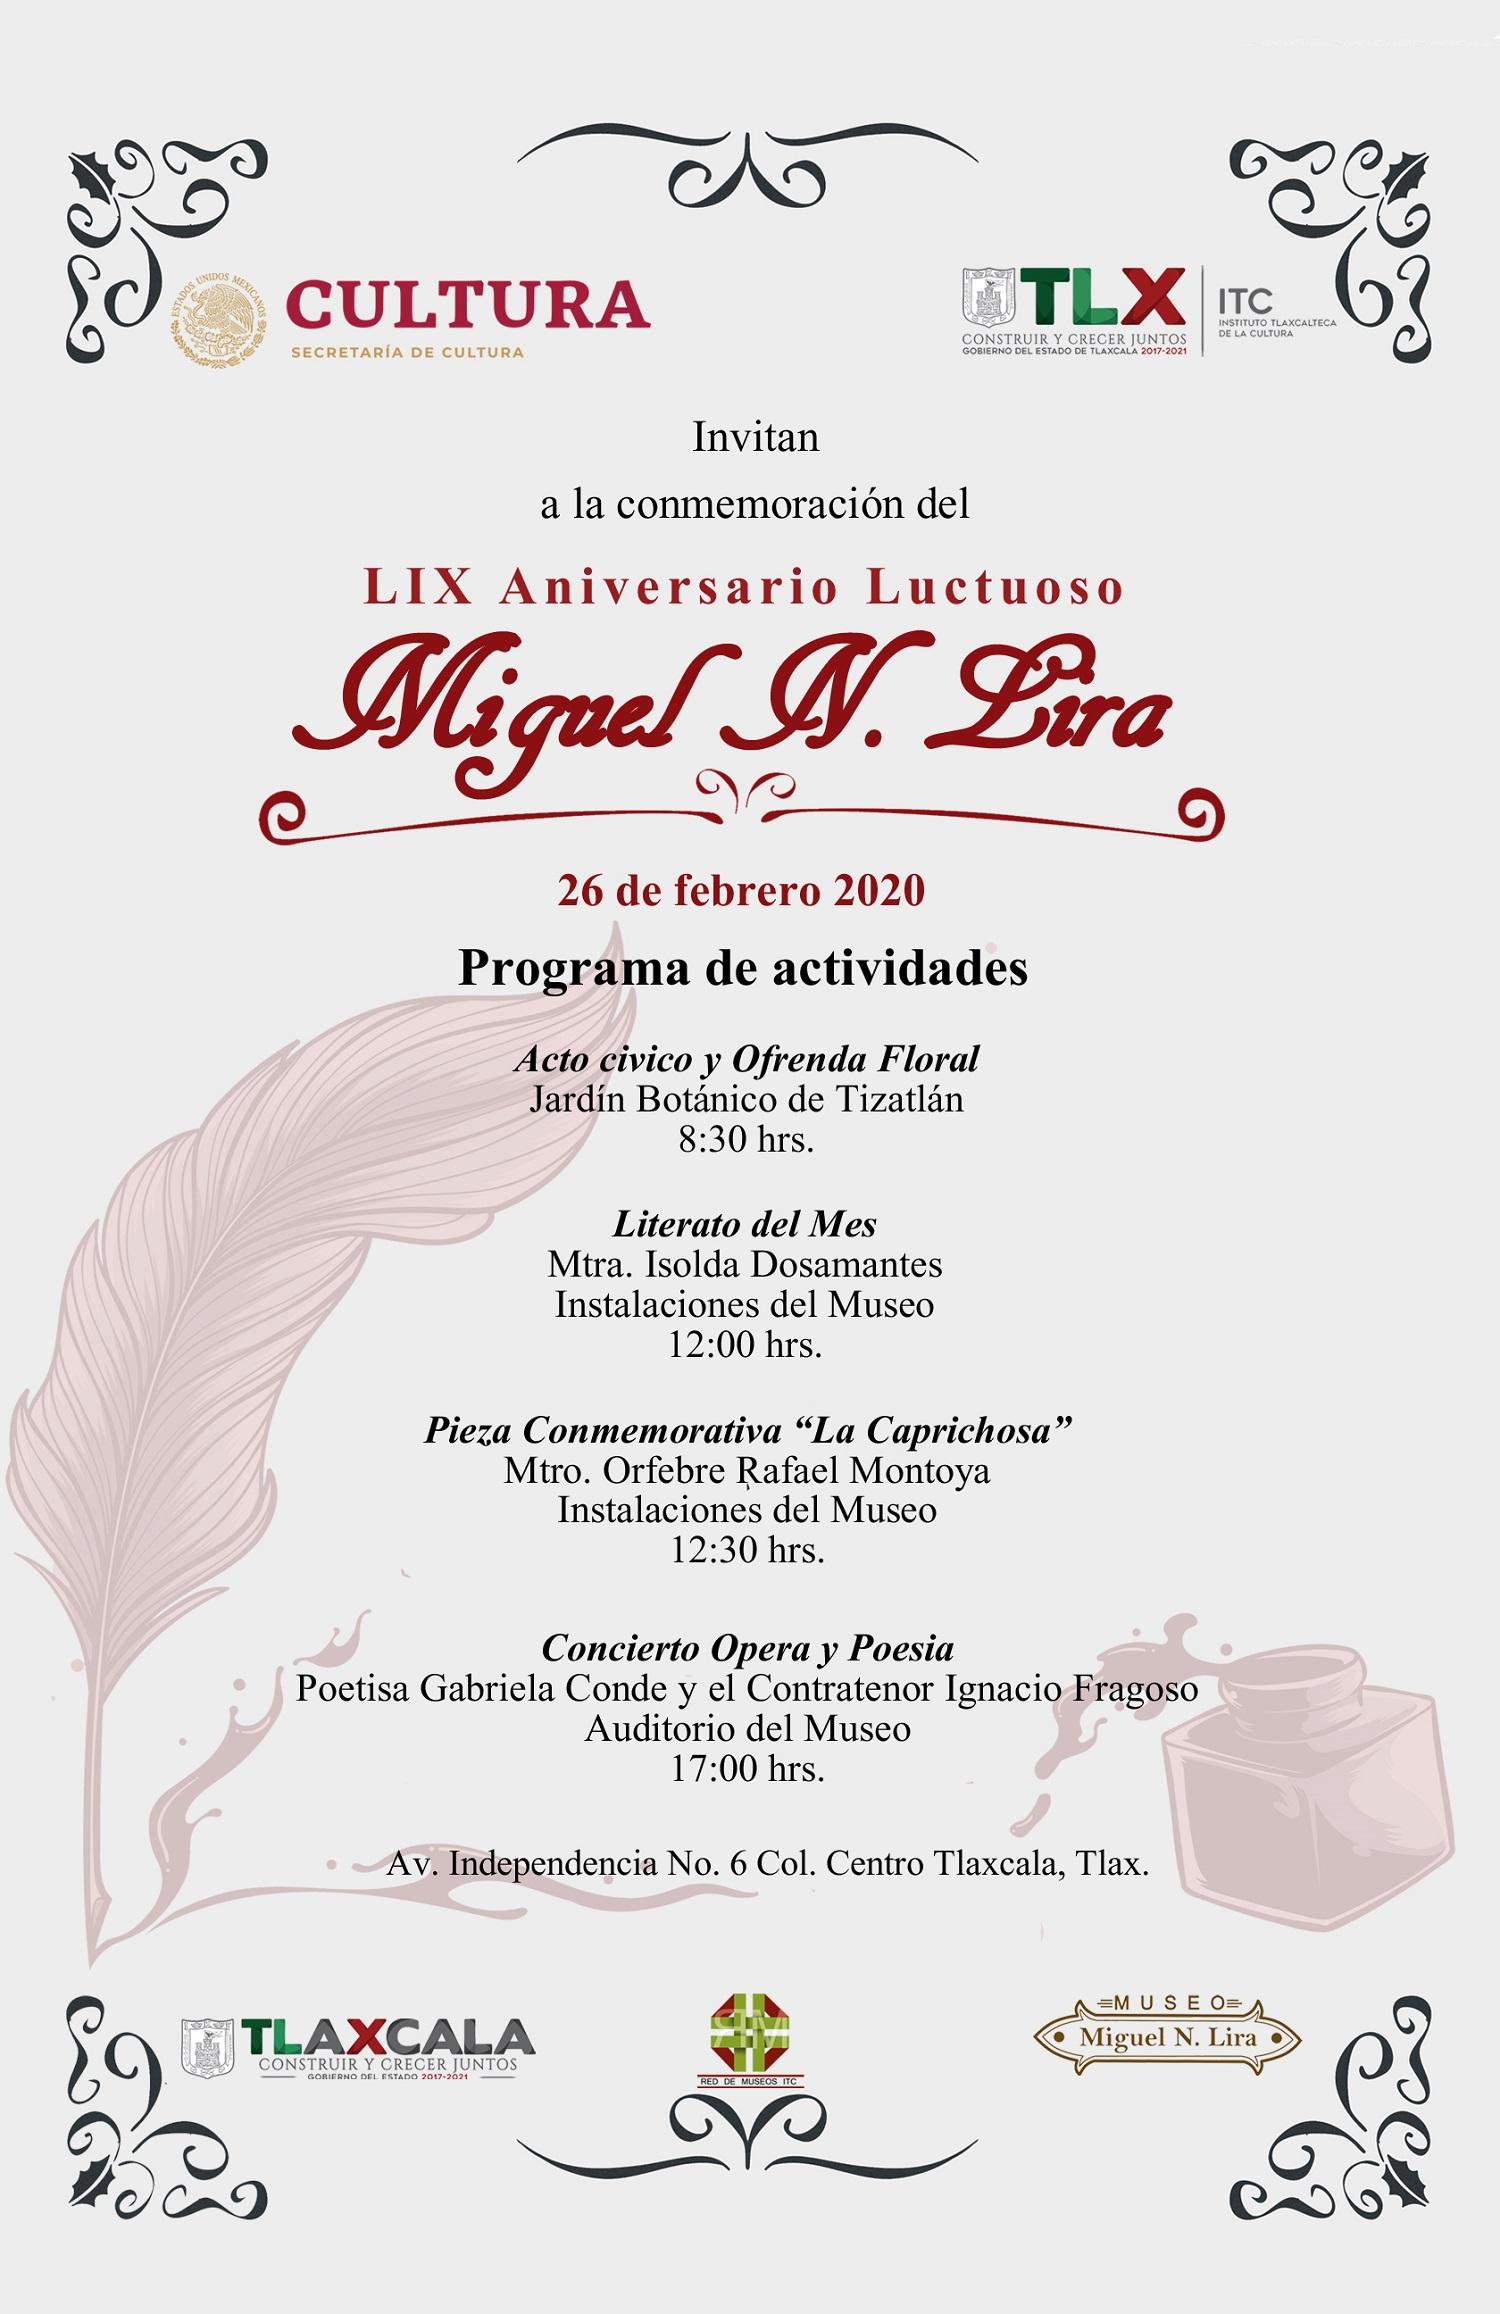 Desde Tlaxcala: Conmemorará ITC aniversario luctuoso de Miguel N. Lira